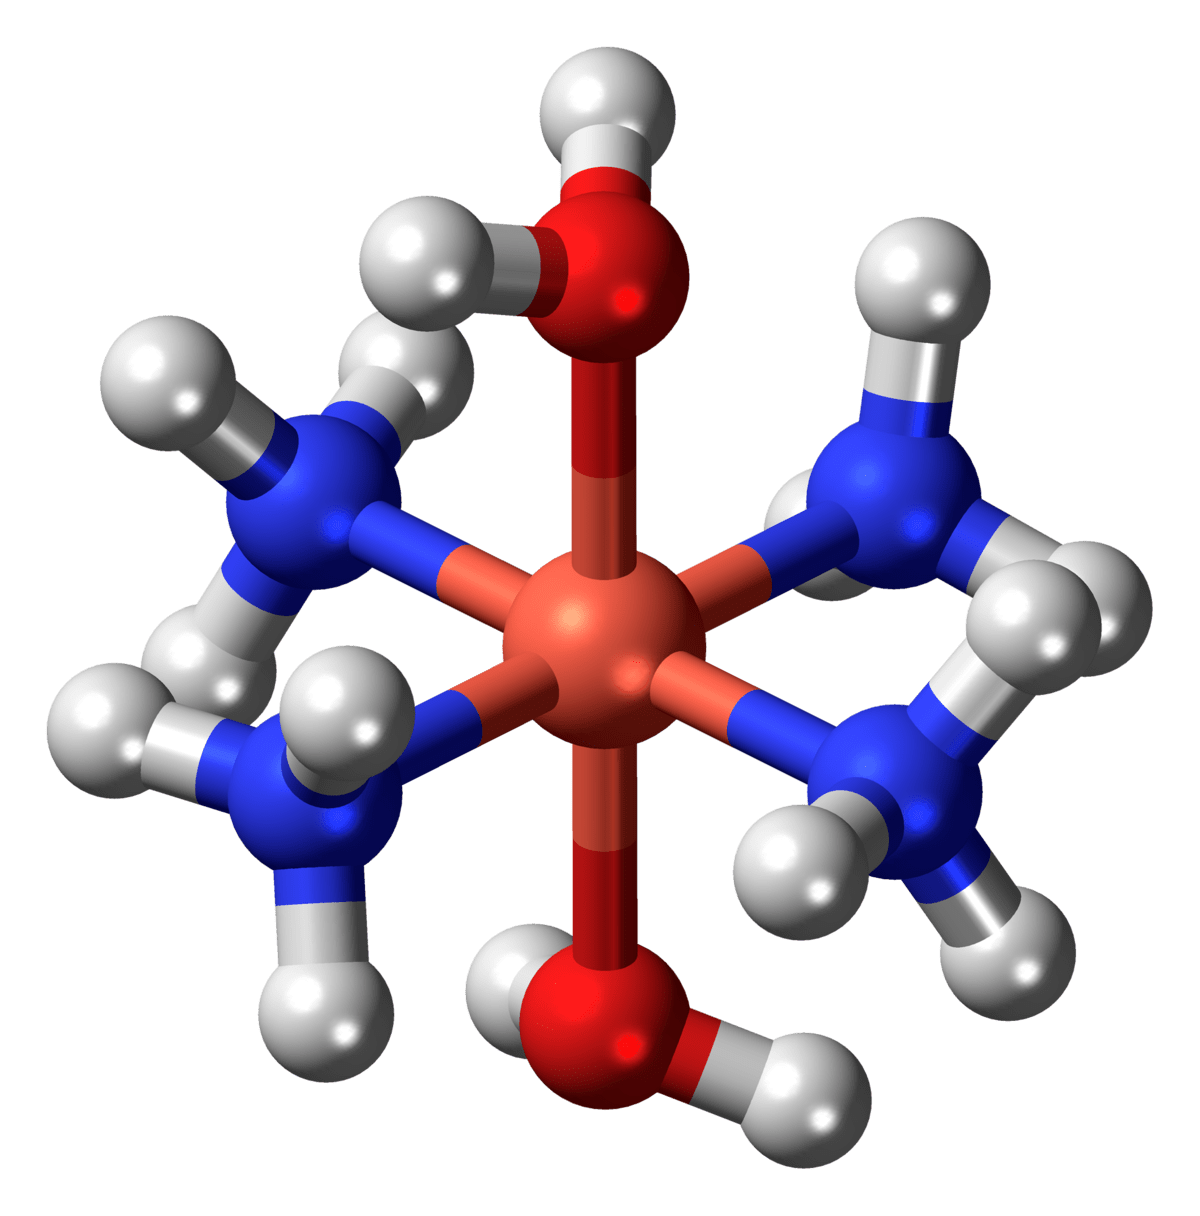 copper atom diagram john deere stx38 yellow deck wiring schweizer 39s reagent wikipedia